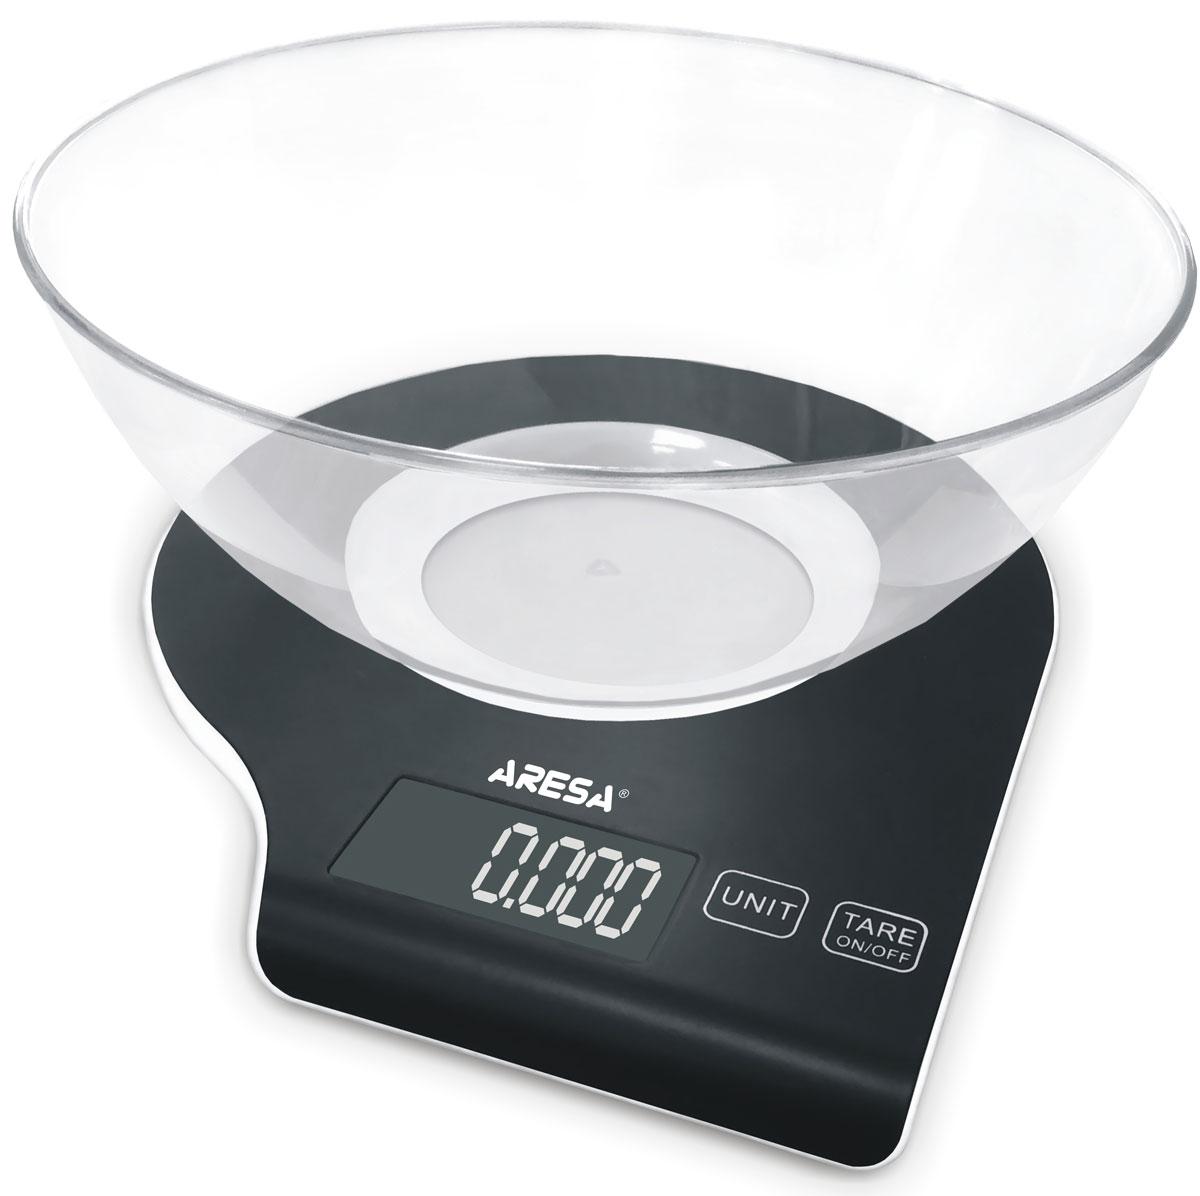 Aresa SK-406 кухонные весыSK-406Кухонные электронные весы Aresa SK-406 - незаменимые помощники современной хозяйки. Они помогут точно взвесить любые продукты и ингредиенты. Кроме того, позволят людям, соблюдающим диету, контролировать количество съедаемой пищи и размеры порций. Предназначены для взвешивания продуктов с точностью измерения 1 грамм. Минимальная нагрузка: 5 г